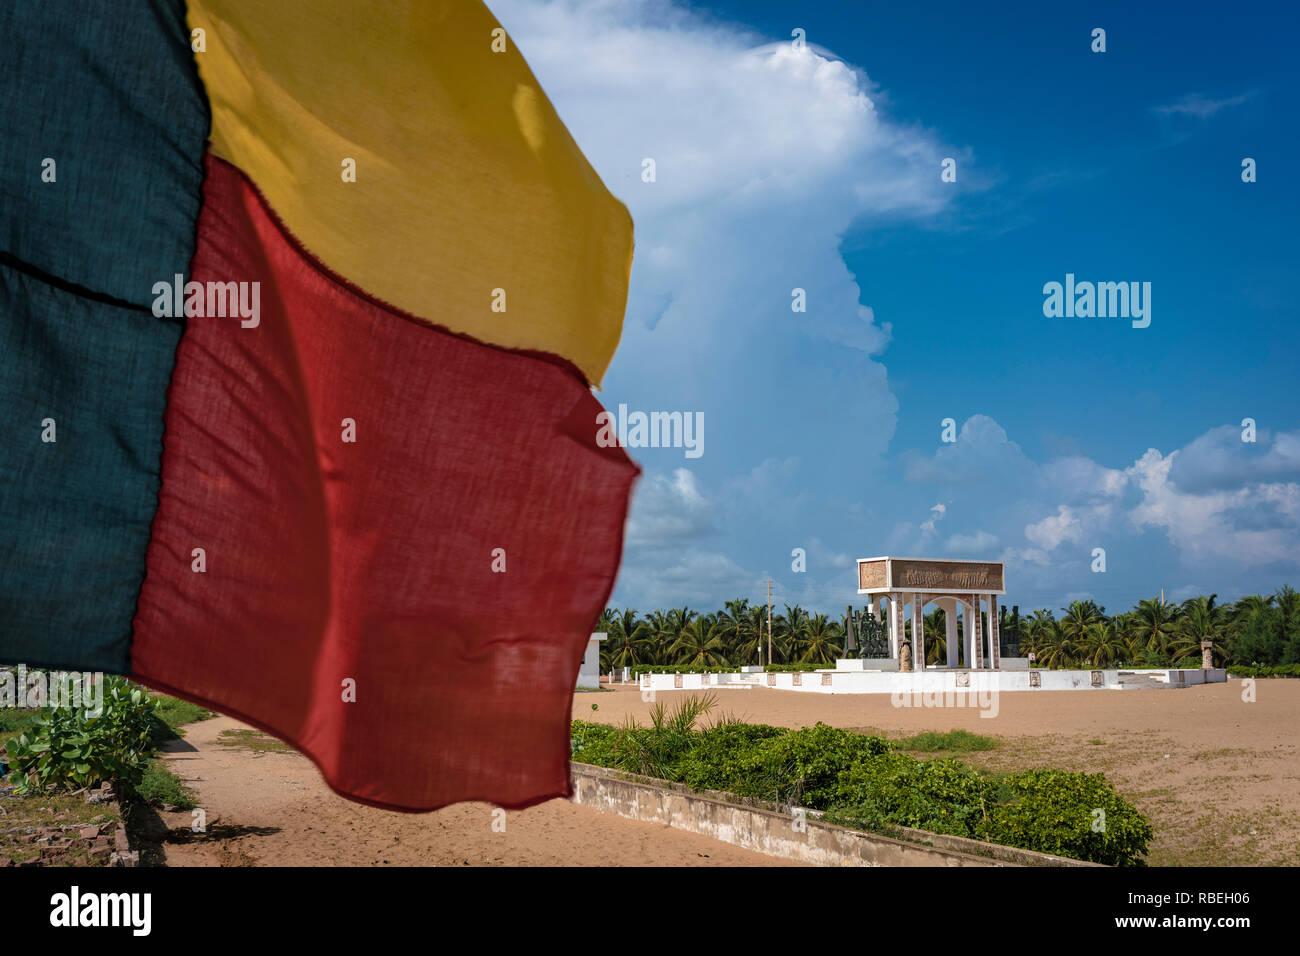 Il flag Beninese in primo piano con la porta di non ritorno (Porte du non retour) a Ouidah in background, un ex schiavi post in Benin. Foto Stock